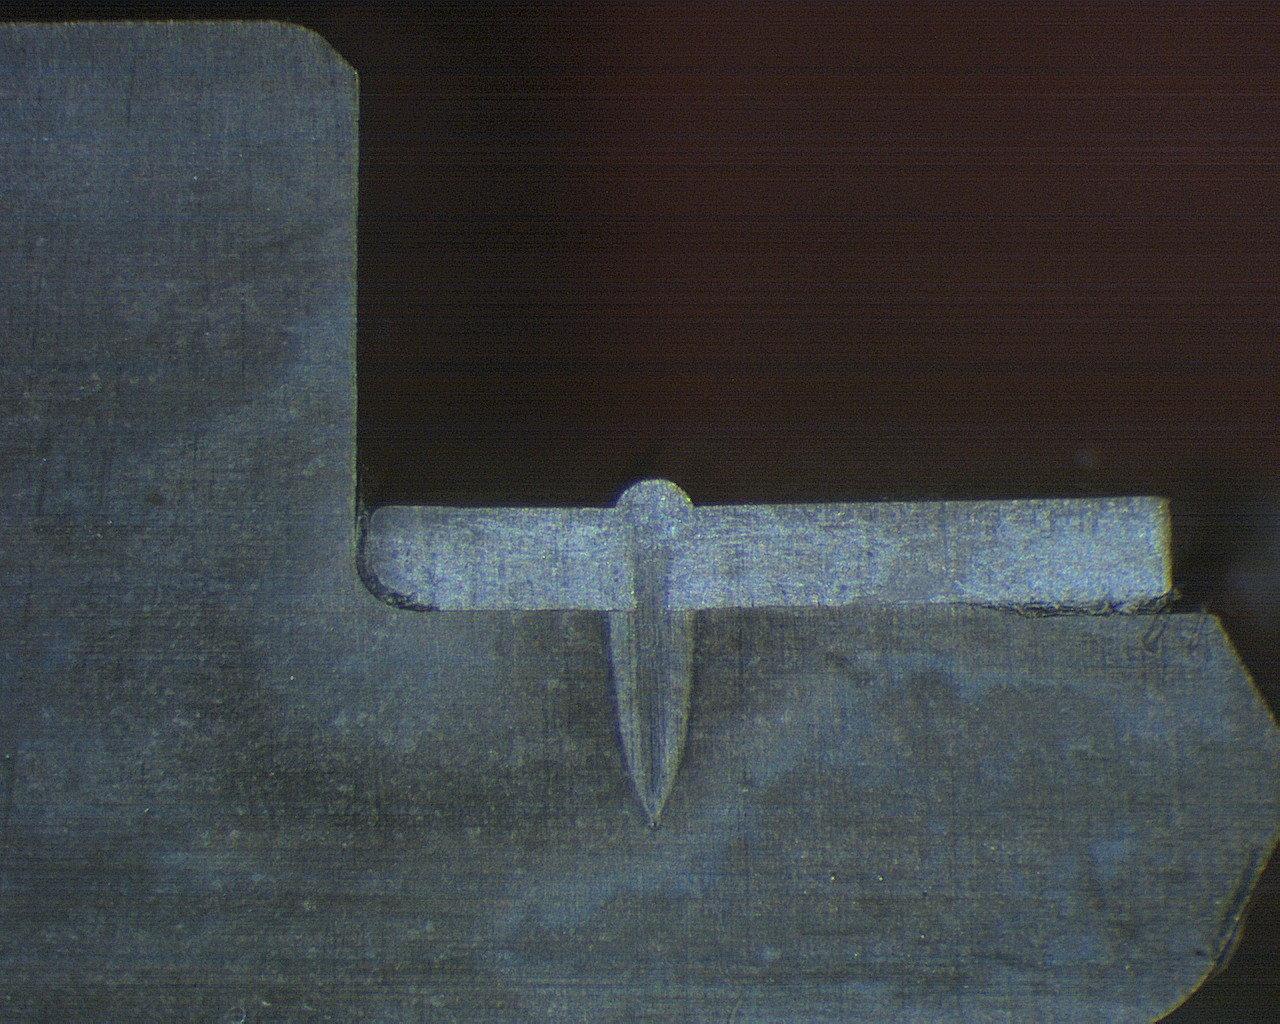 Schliffbild Schweißnaht mit Faserlaser TruFiber 400